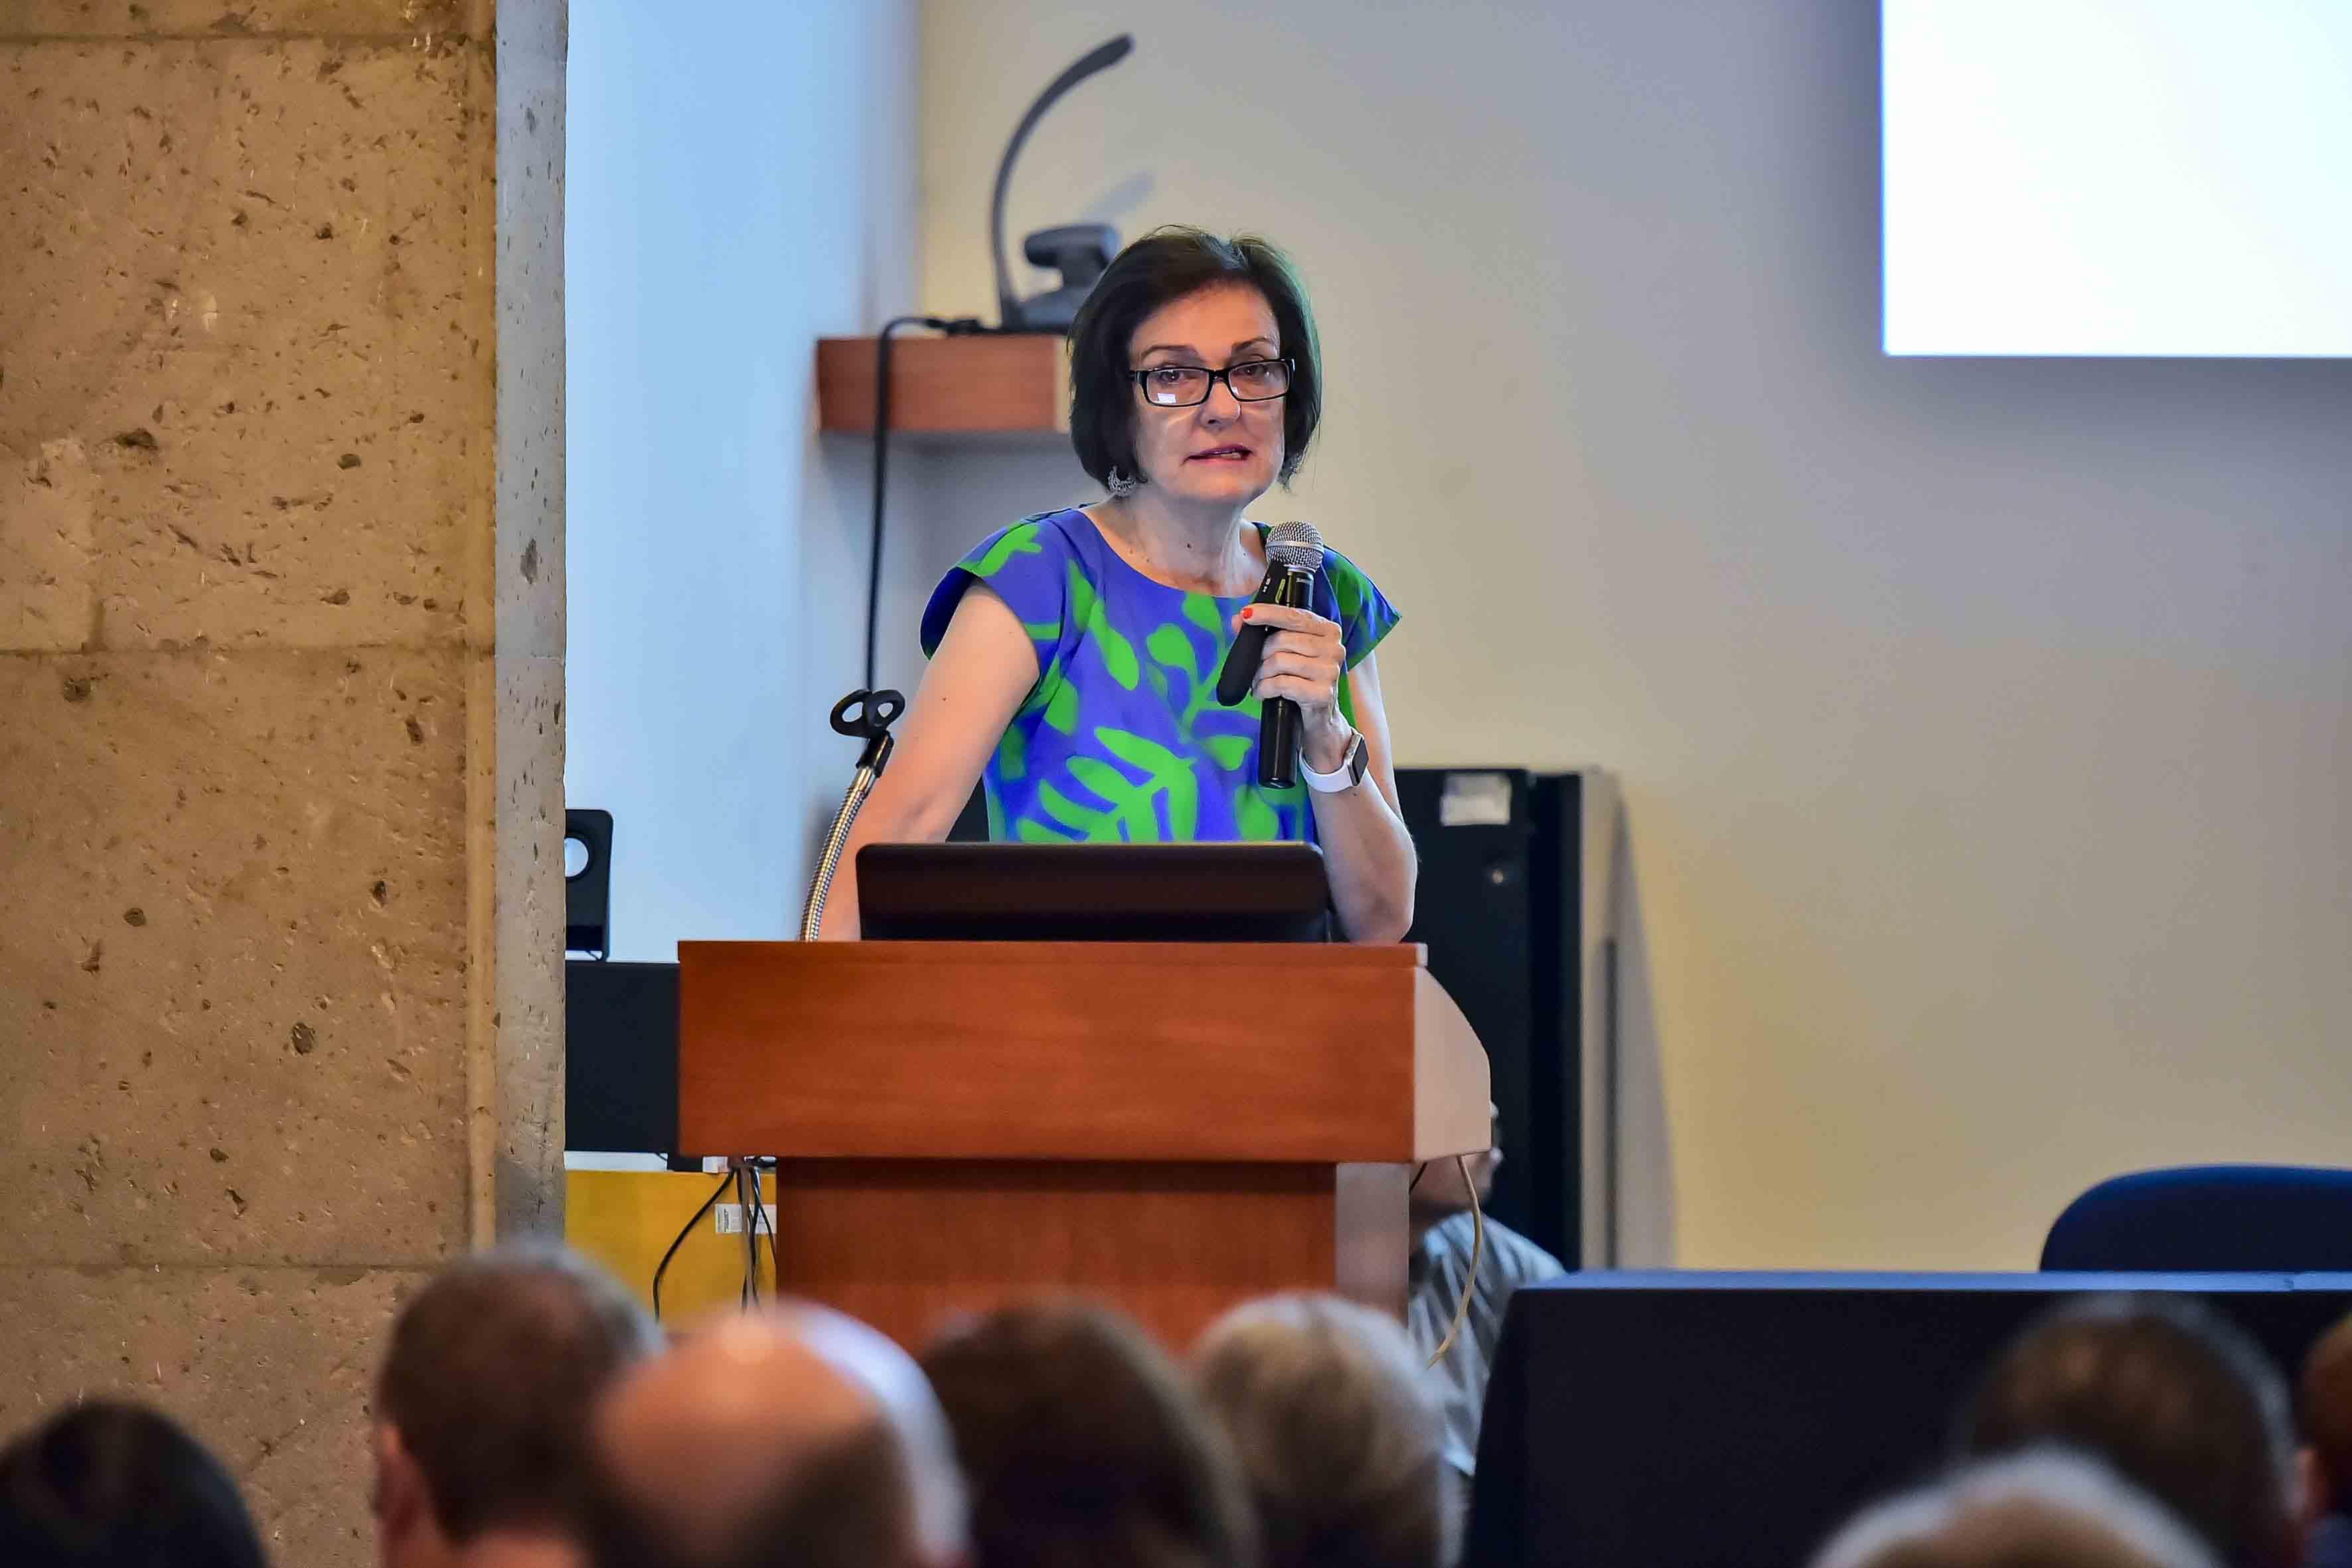 Directora del Instituto de Neurociencias (Ineuro), de la Universidad de Guadalajara, doctora Esmeralda Matute Villaseñor, con micrófono en mano, haciendo uso de la palabra, durante su conferencia.